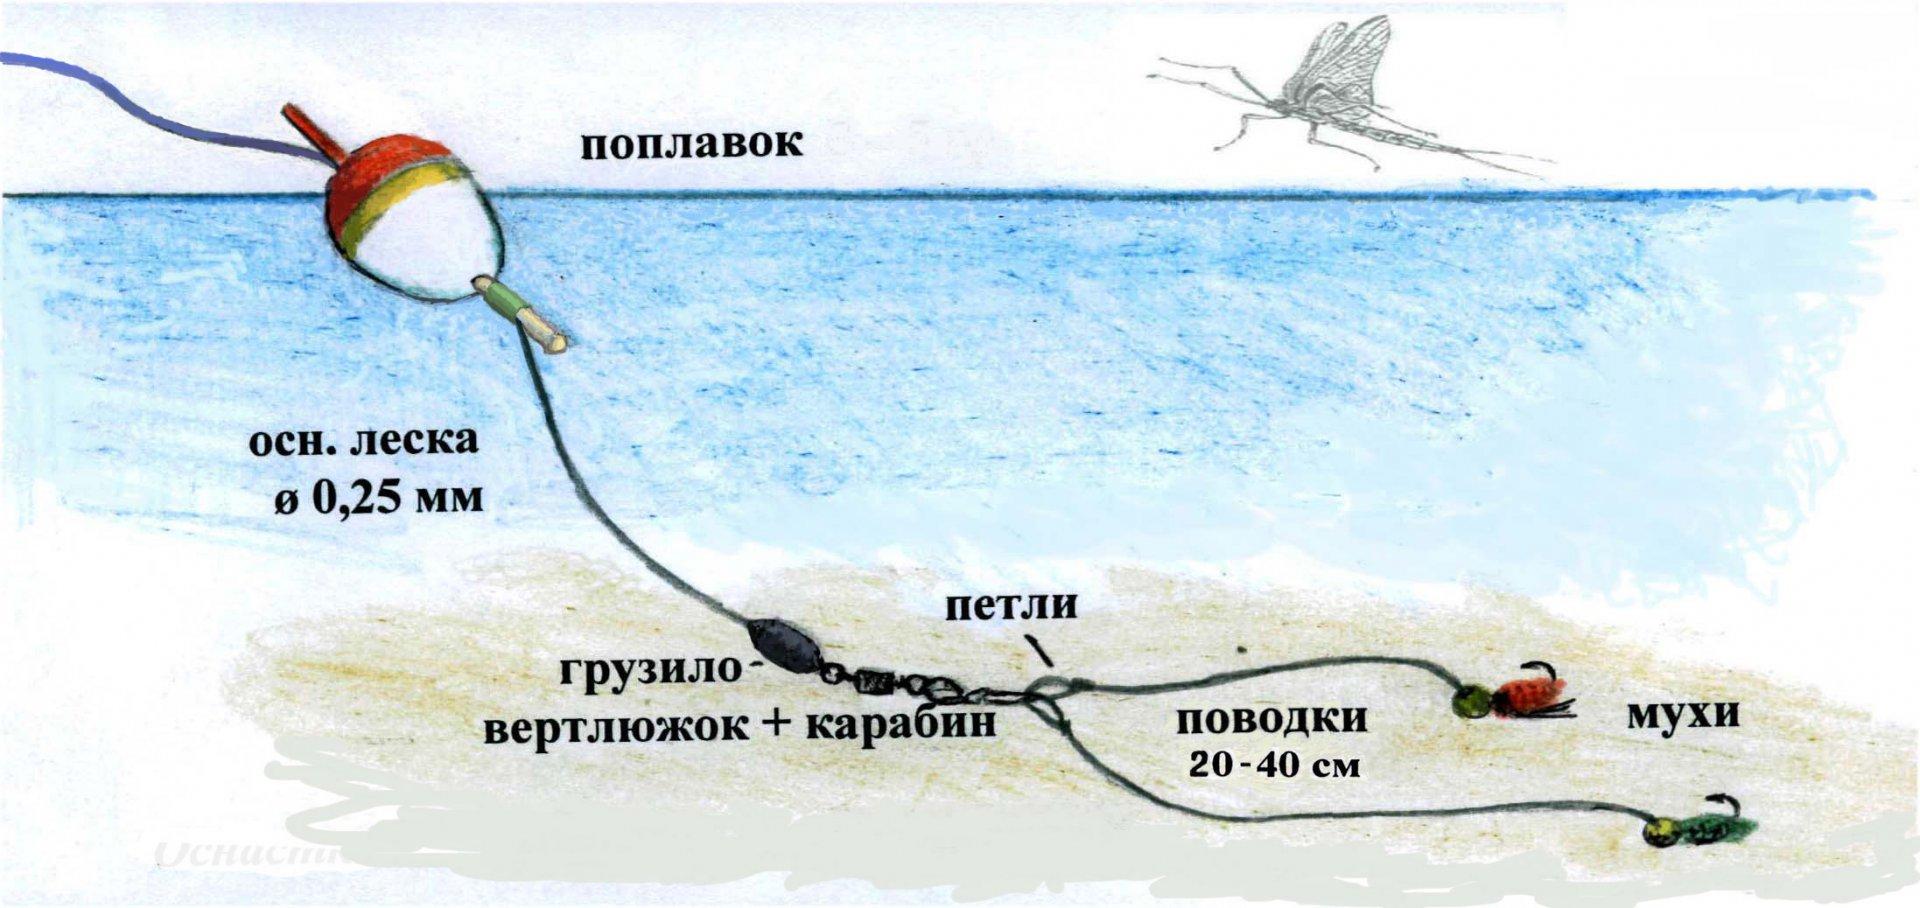 Как сделать дальнюю снасть с поплавком